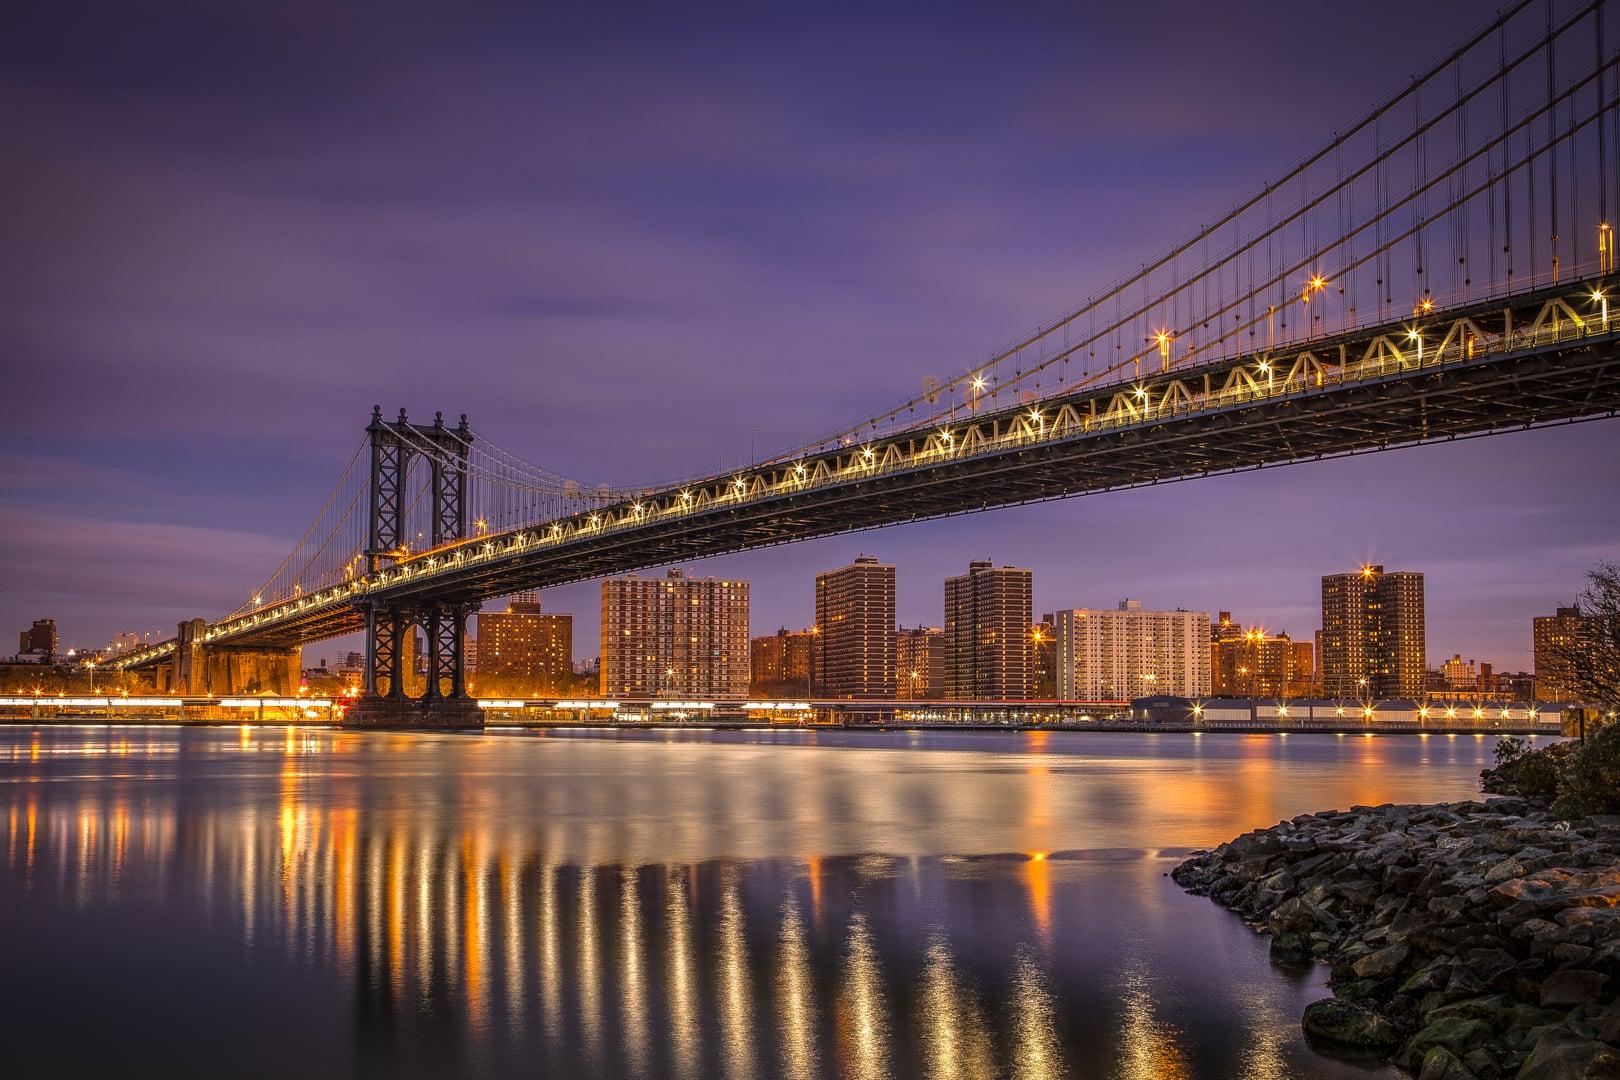 15_11_OS_A_Manhattan Bridge at Dawn_SChristiano.jpg